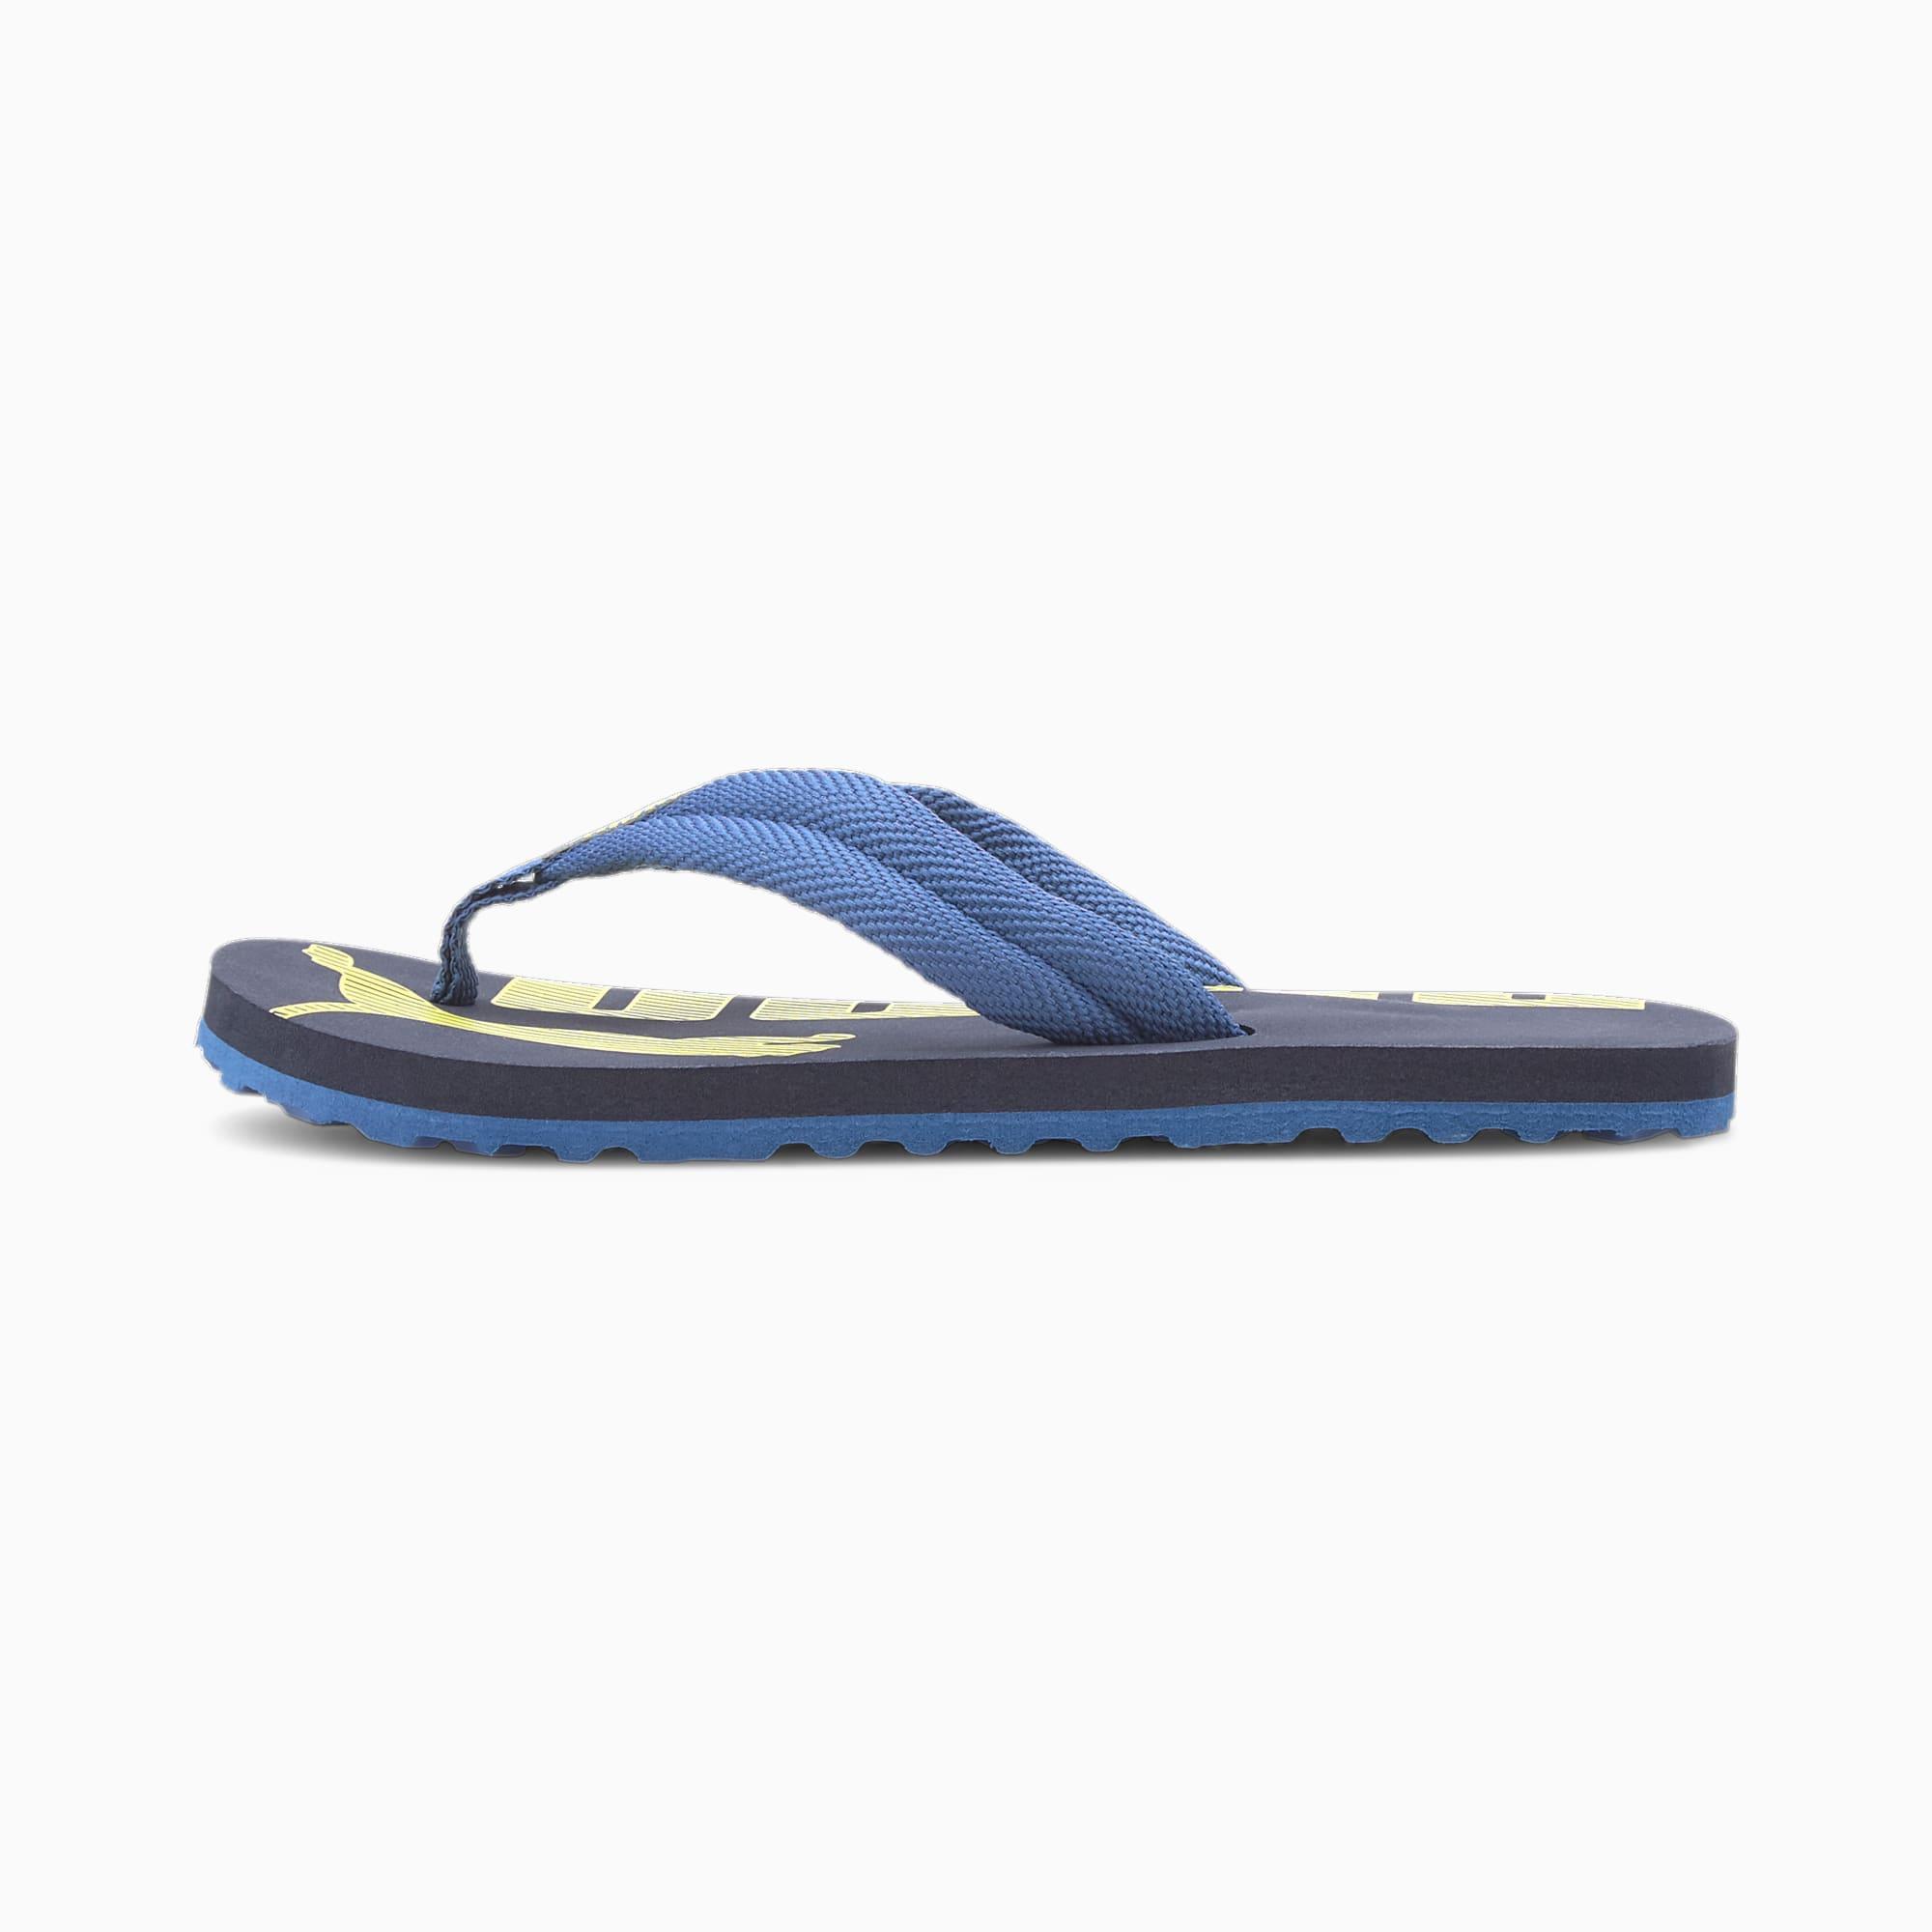 PUMA Chaussure Epic Flip v2 Preschool pour enfants, Bleu, Taille 31, Chaussures